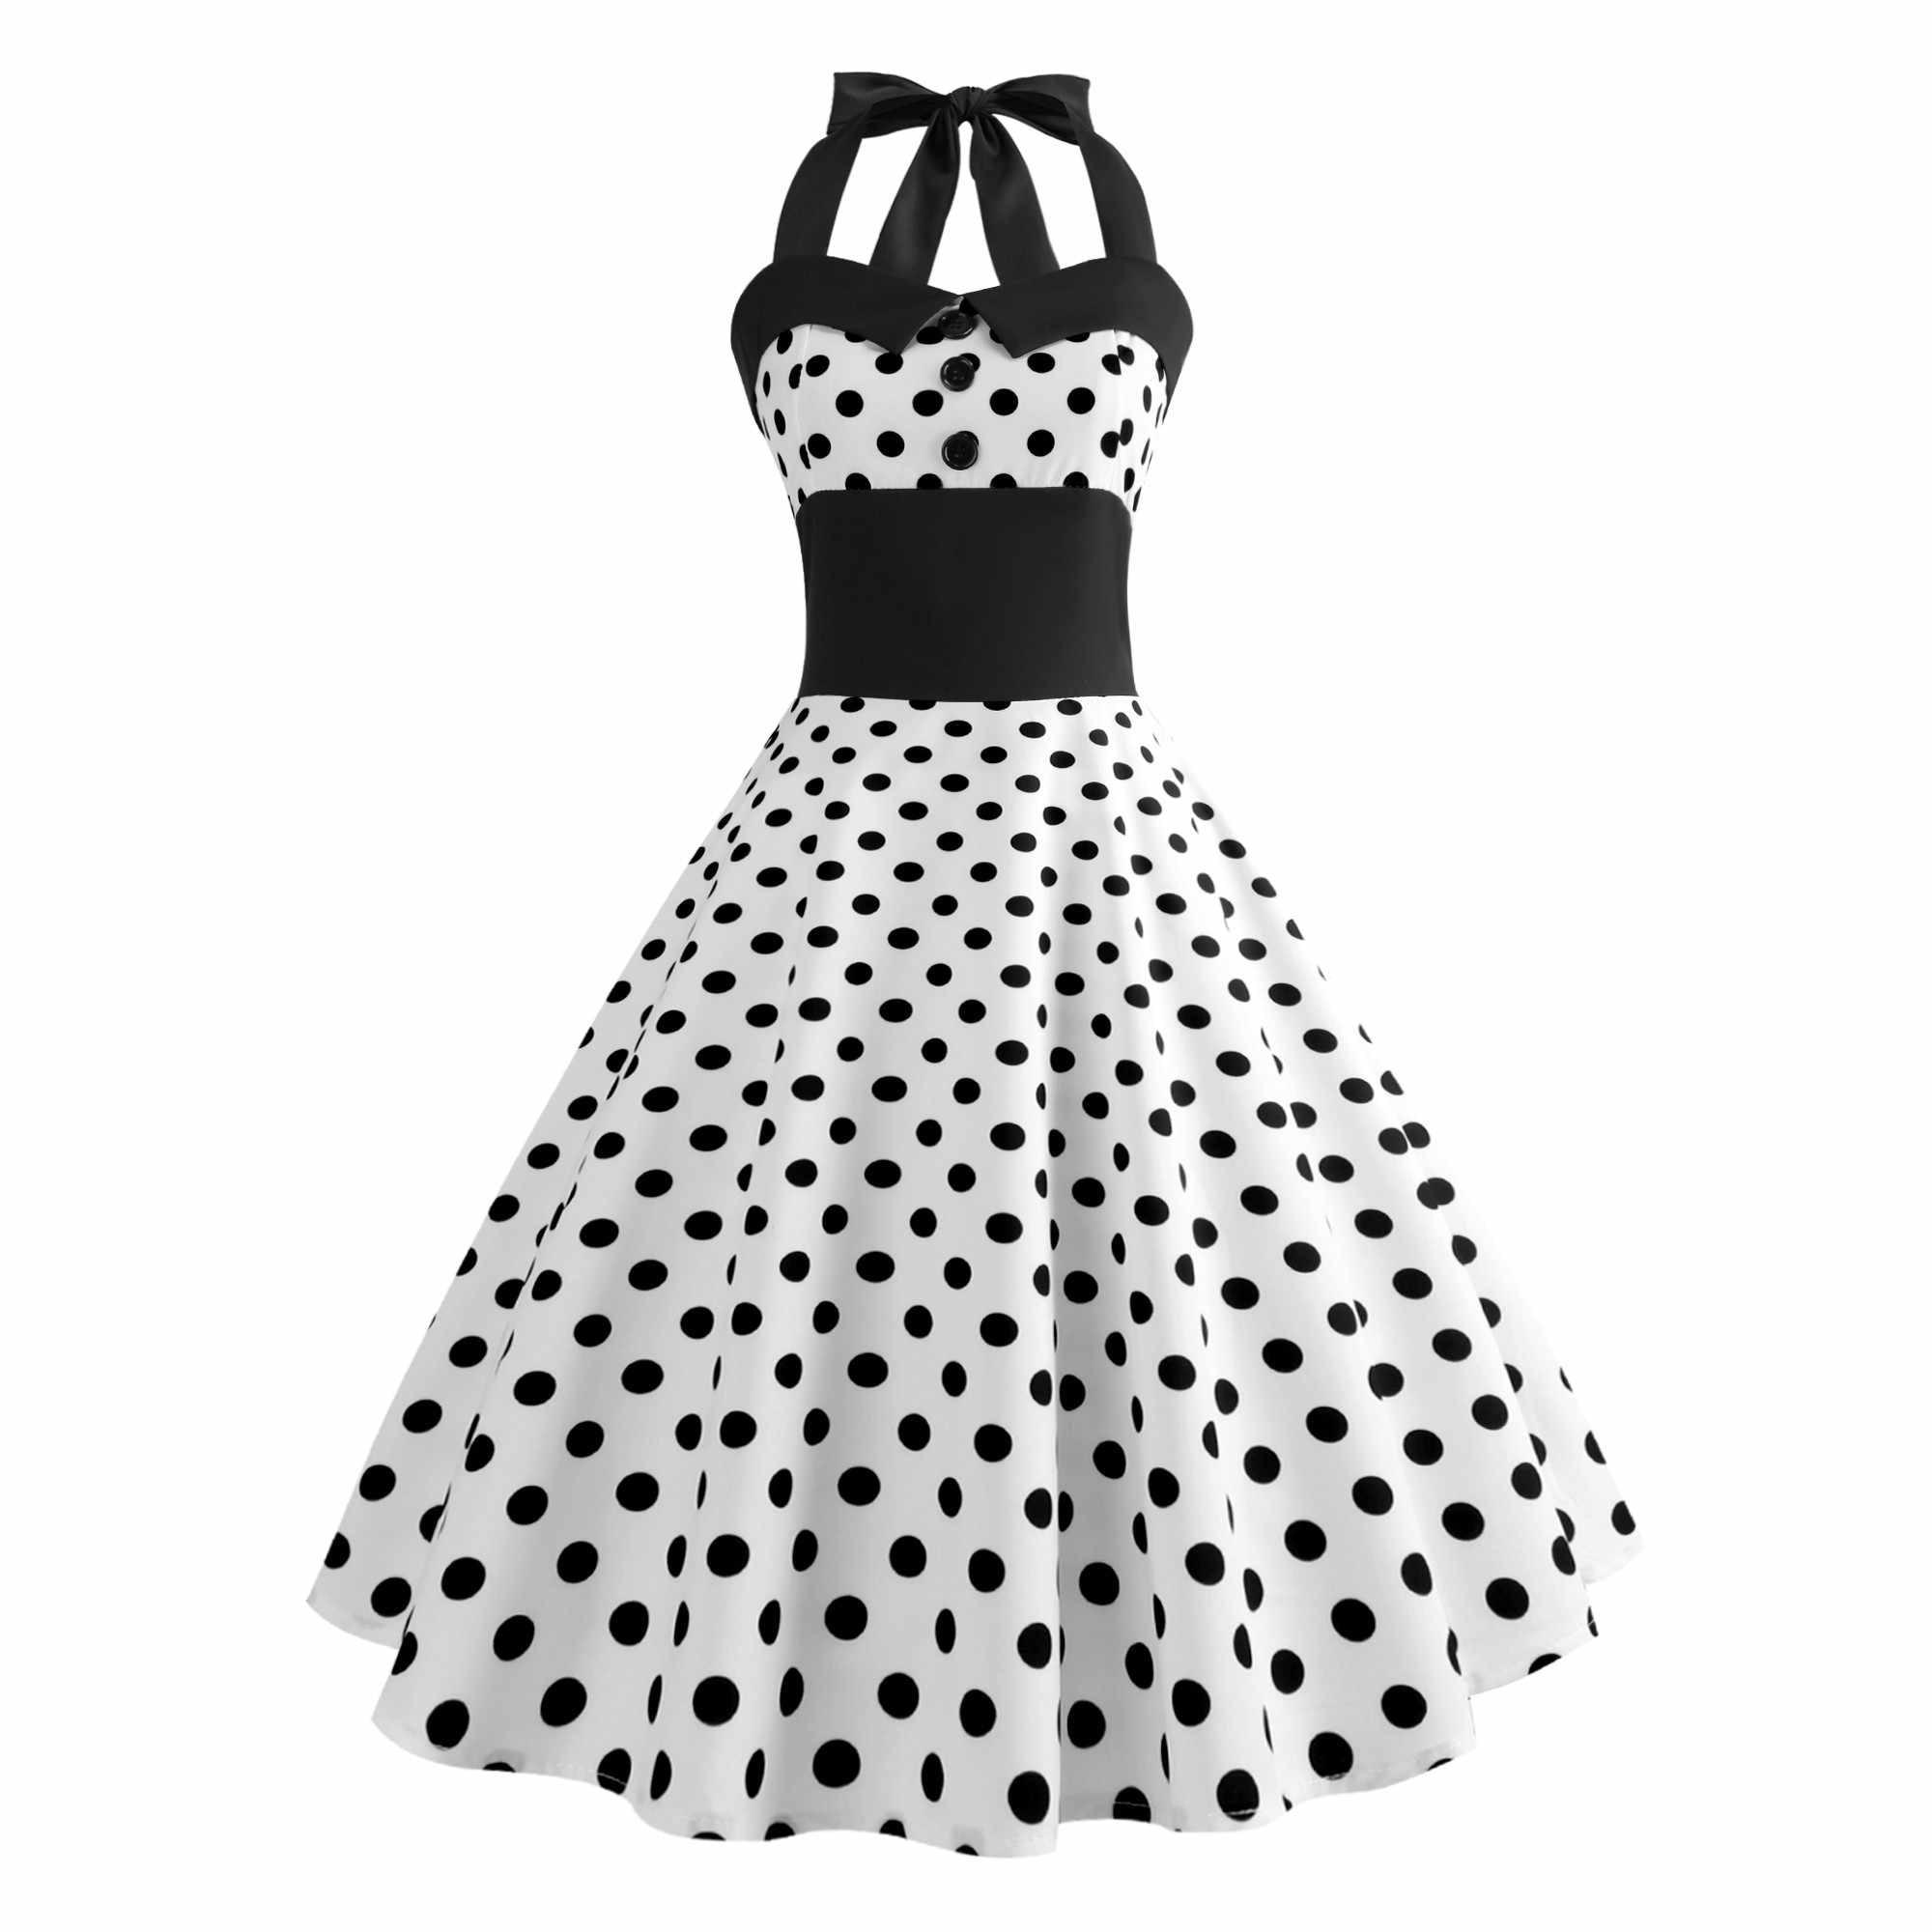 887d0eb16c91 Retro Polka Dot Dress Women Knee-Length Strapless Halter Dress 50s 60s  Gothic Robe Vintage